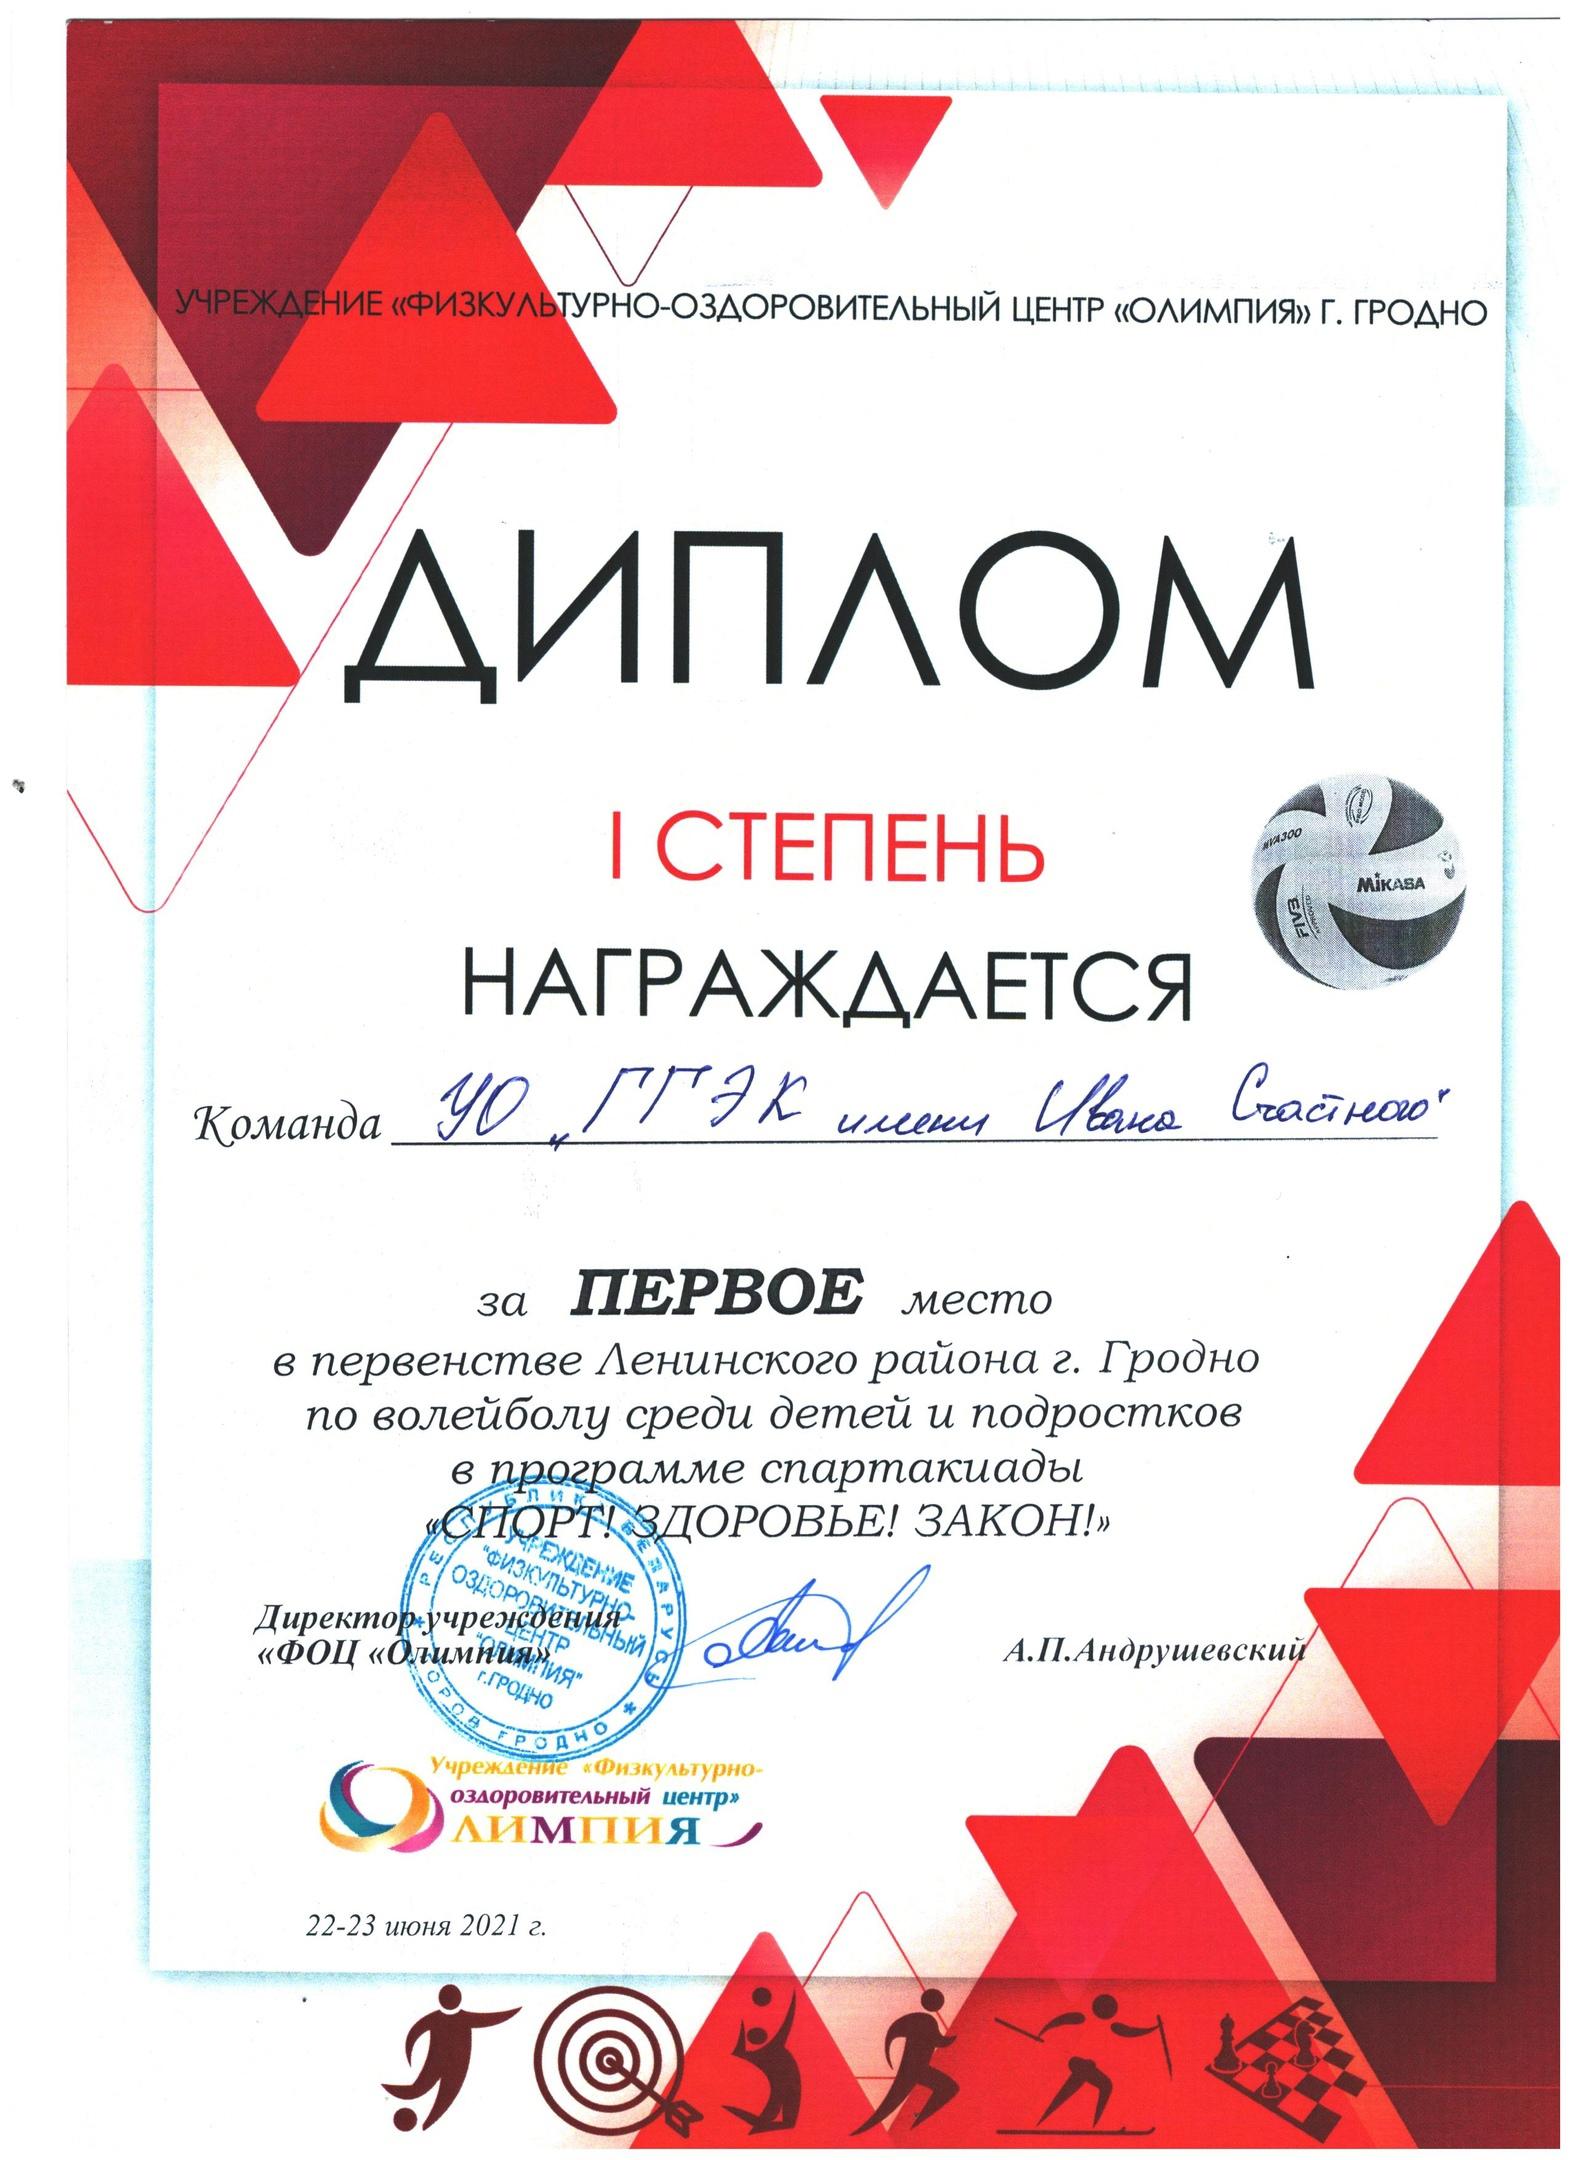 Победа в первенстве Ленинского района г.Гродно по волейболу